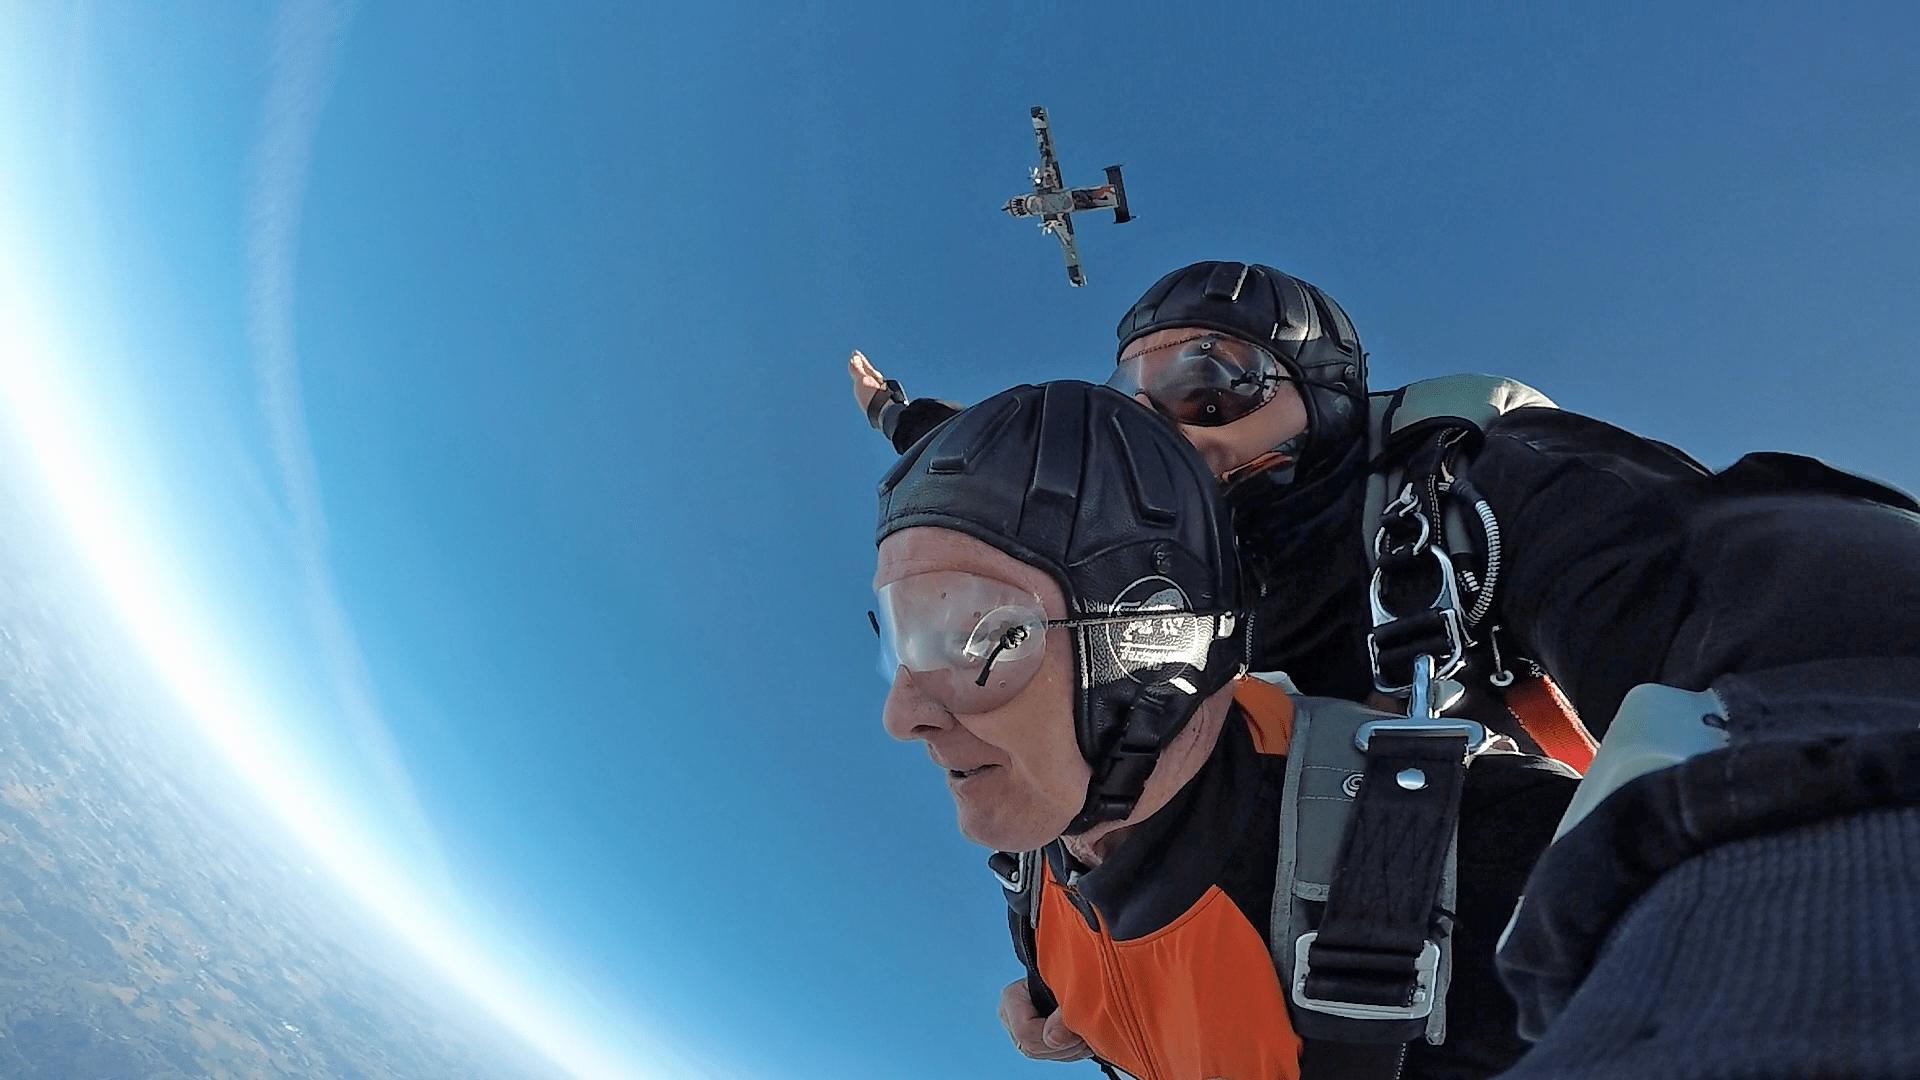 Königsdisziplin 6000 Meter Fallschirmsprung